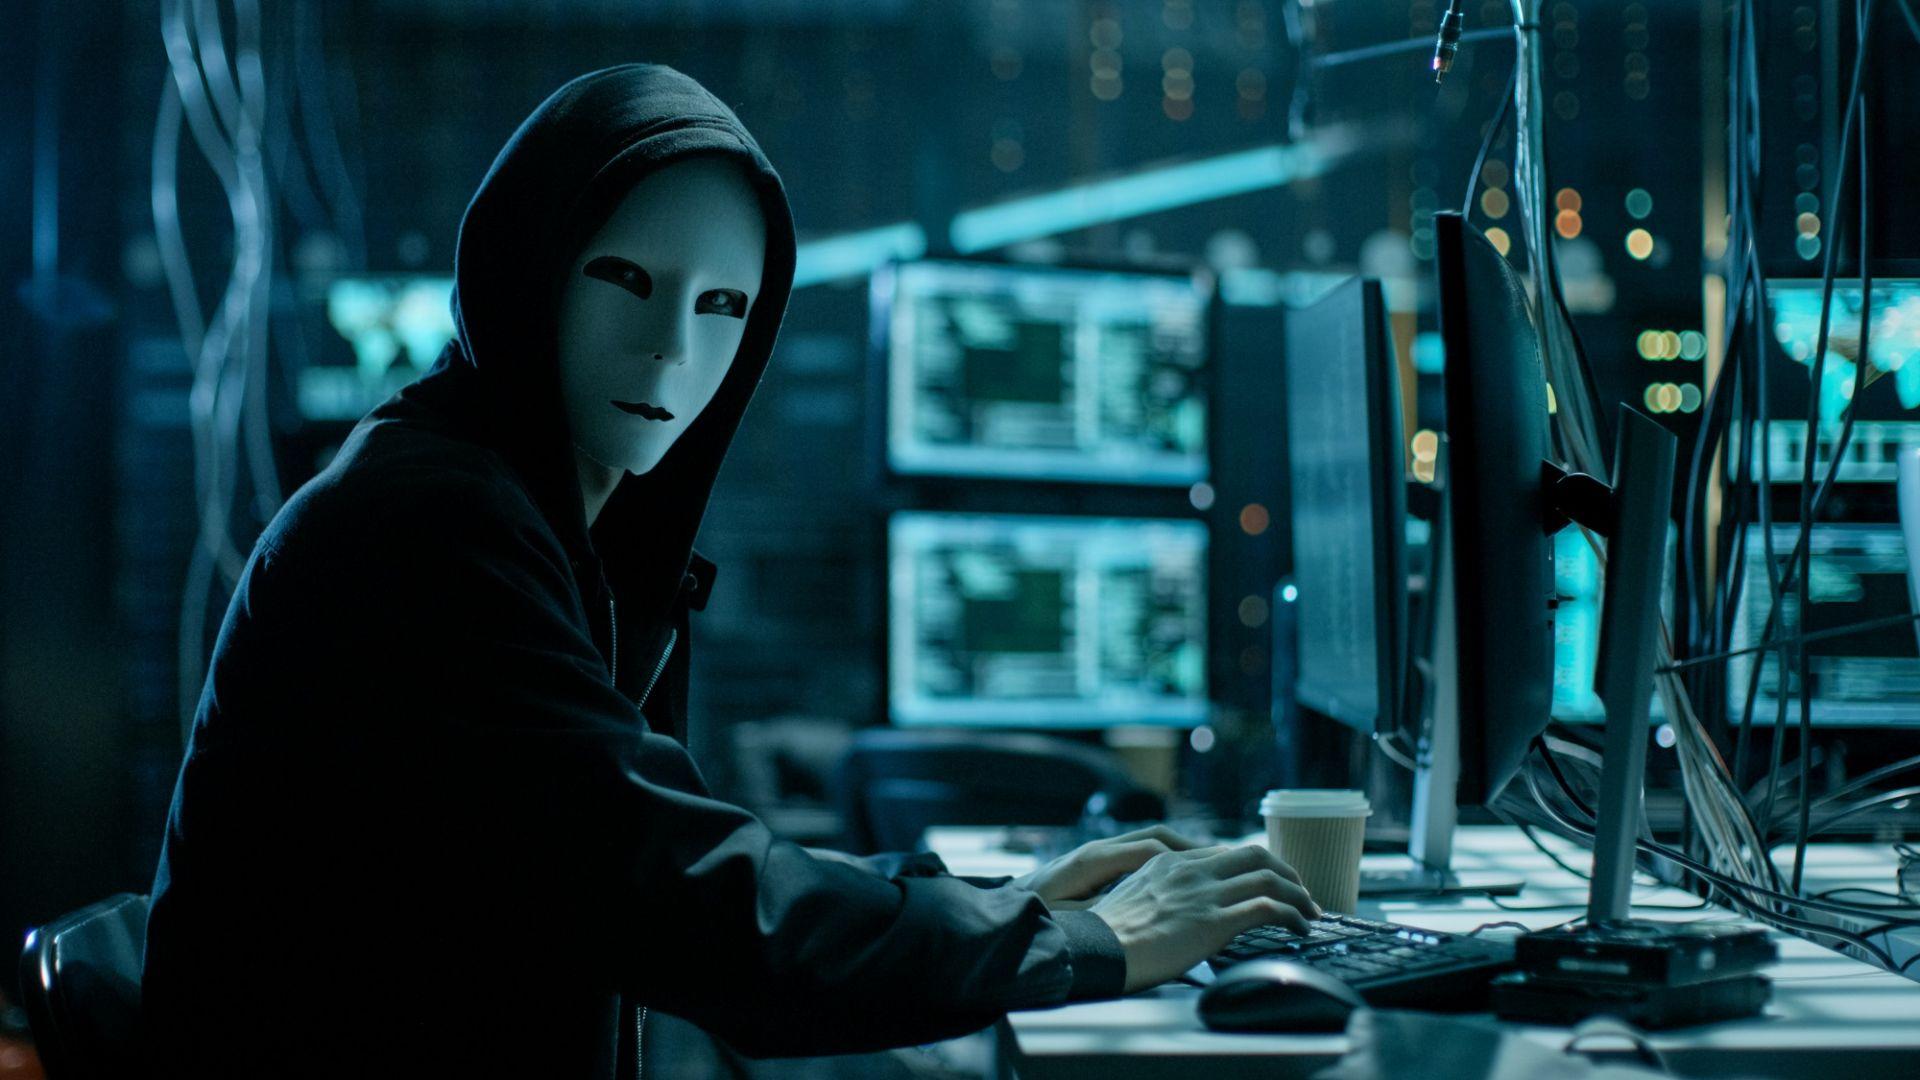 САЩ обвиниха румънци за взлом в 400 000 компютъра